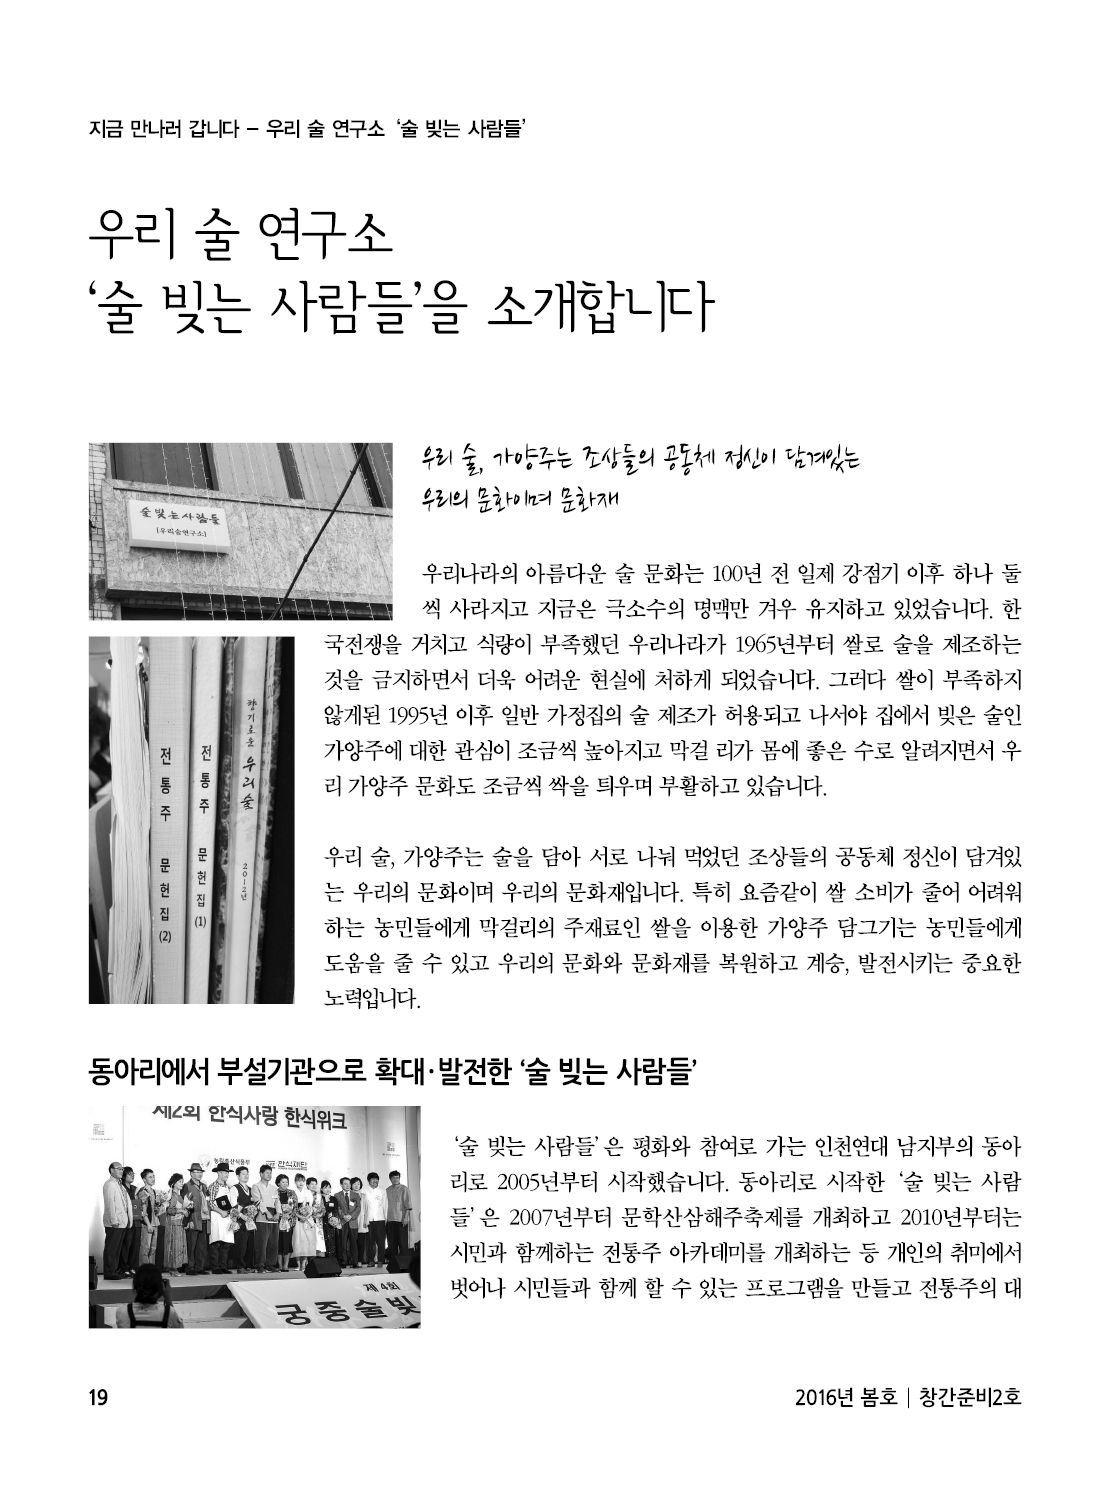 아웃라인 인천평화복지연대 창간준비2호19.jpg